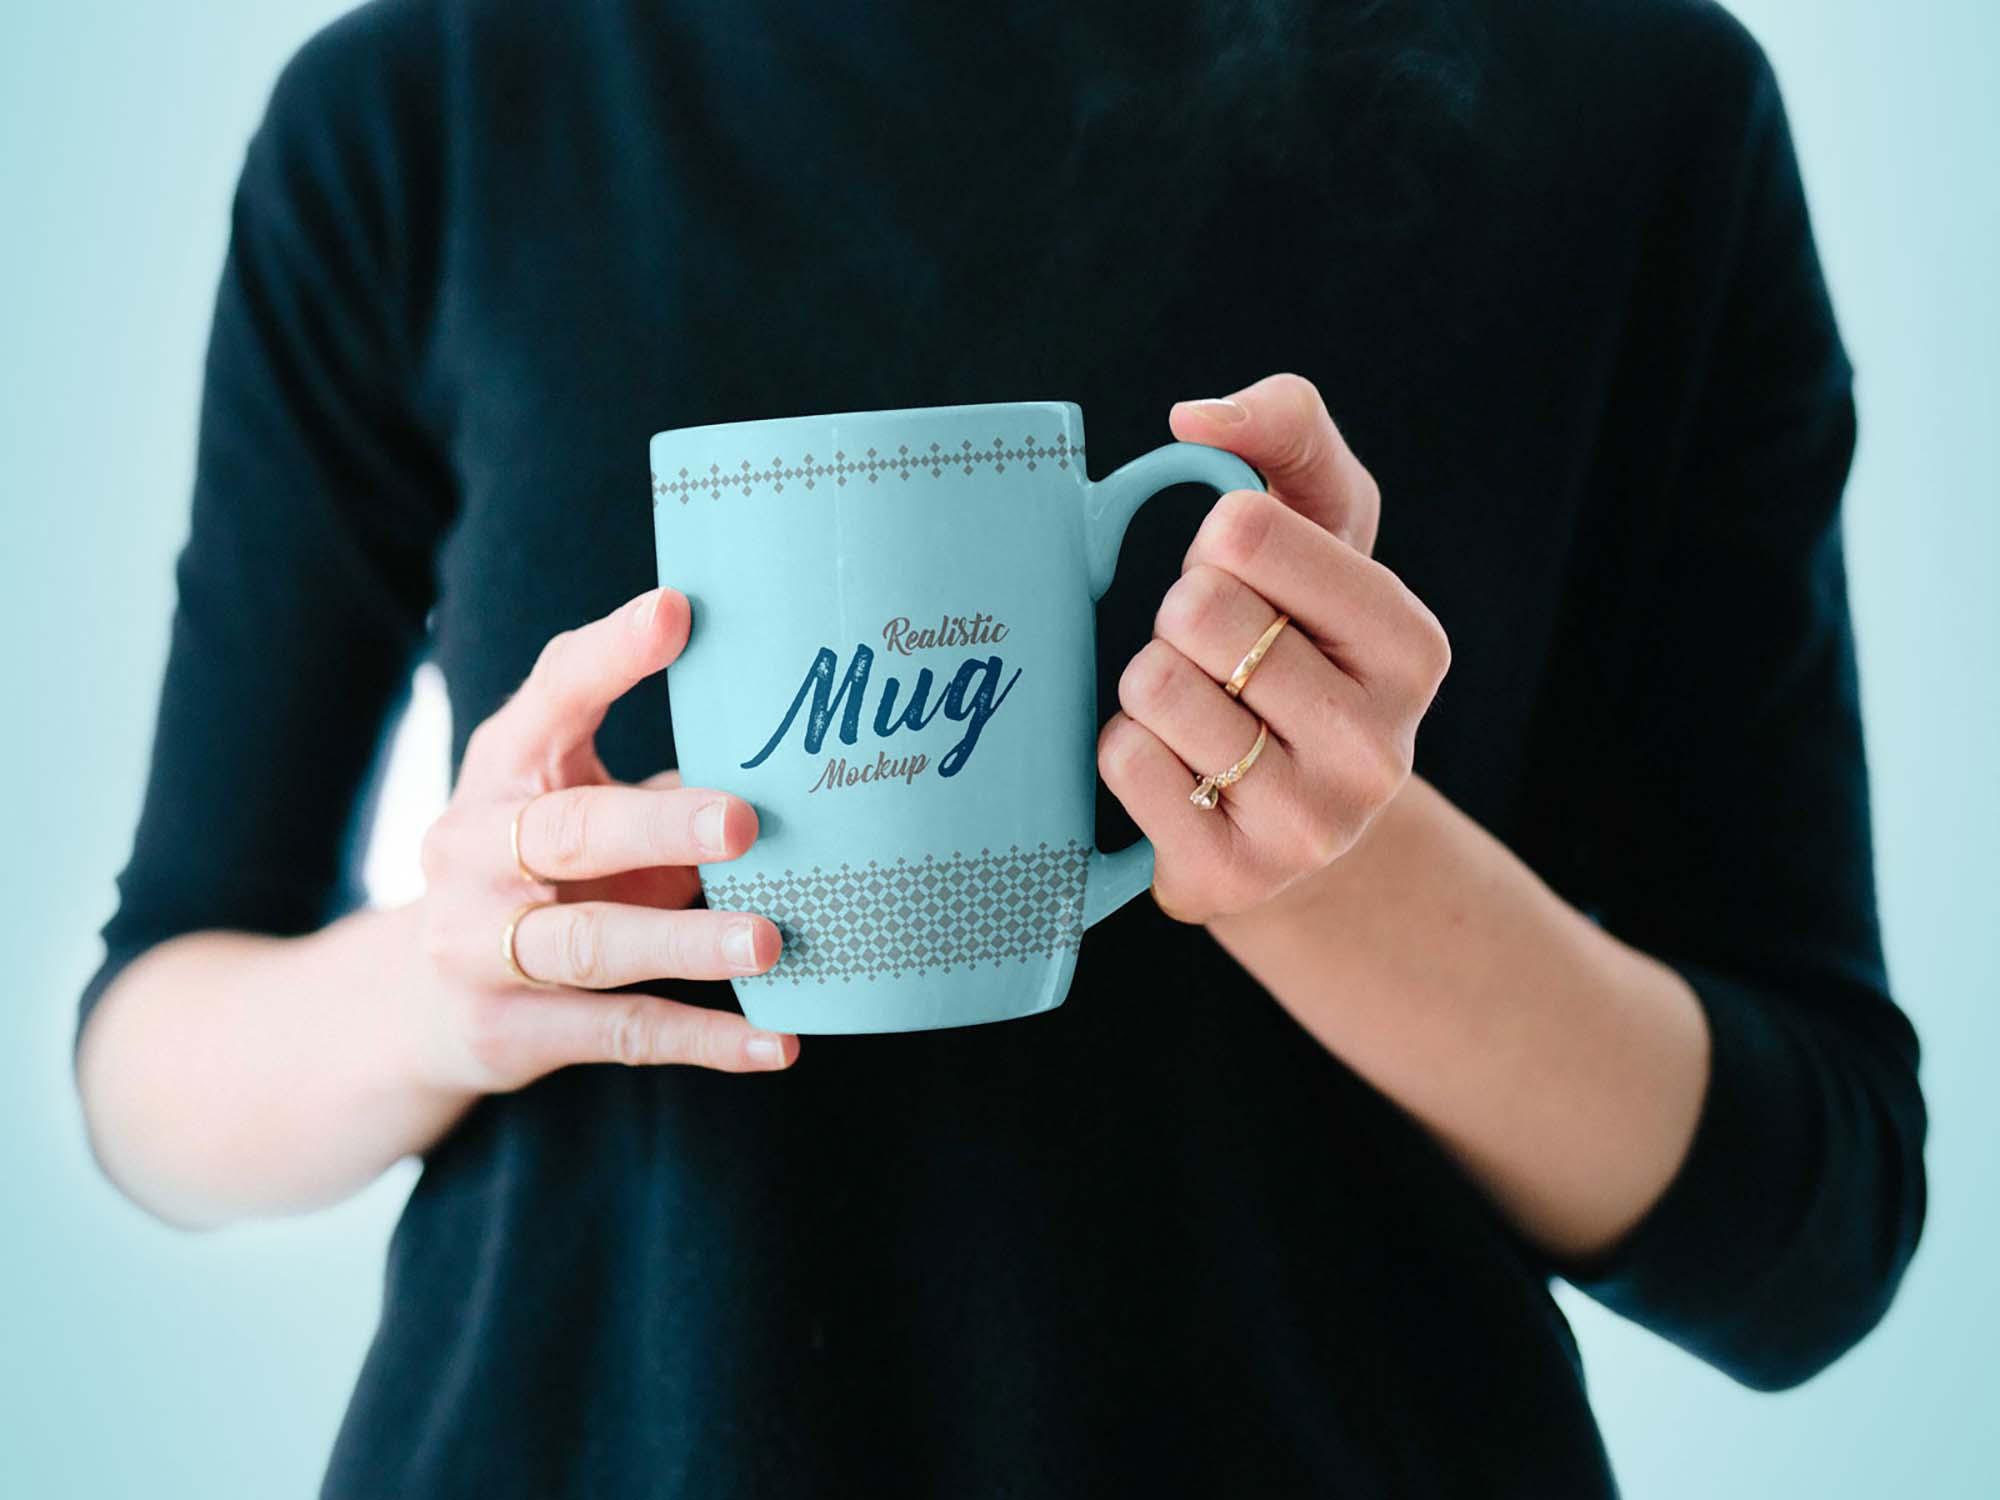 Mug in Female Hand Mockup 2